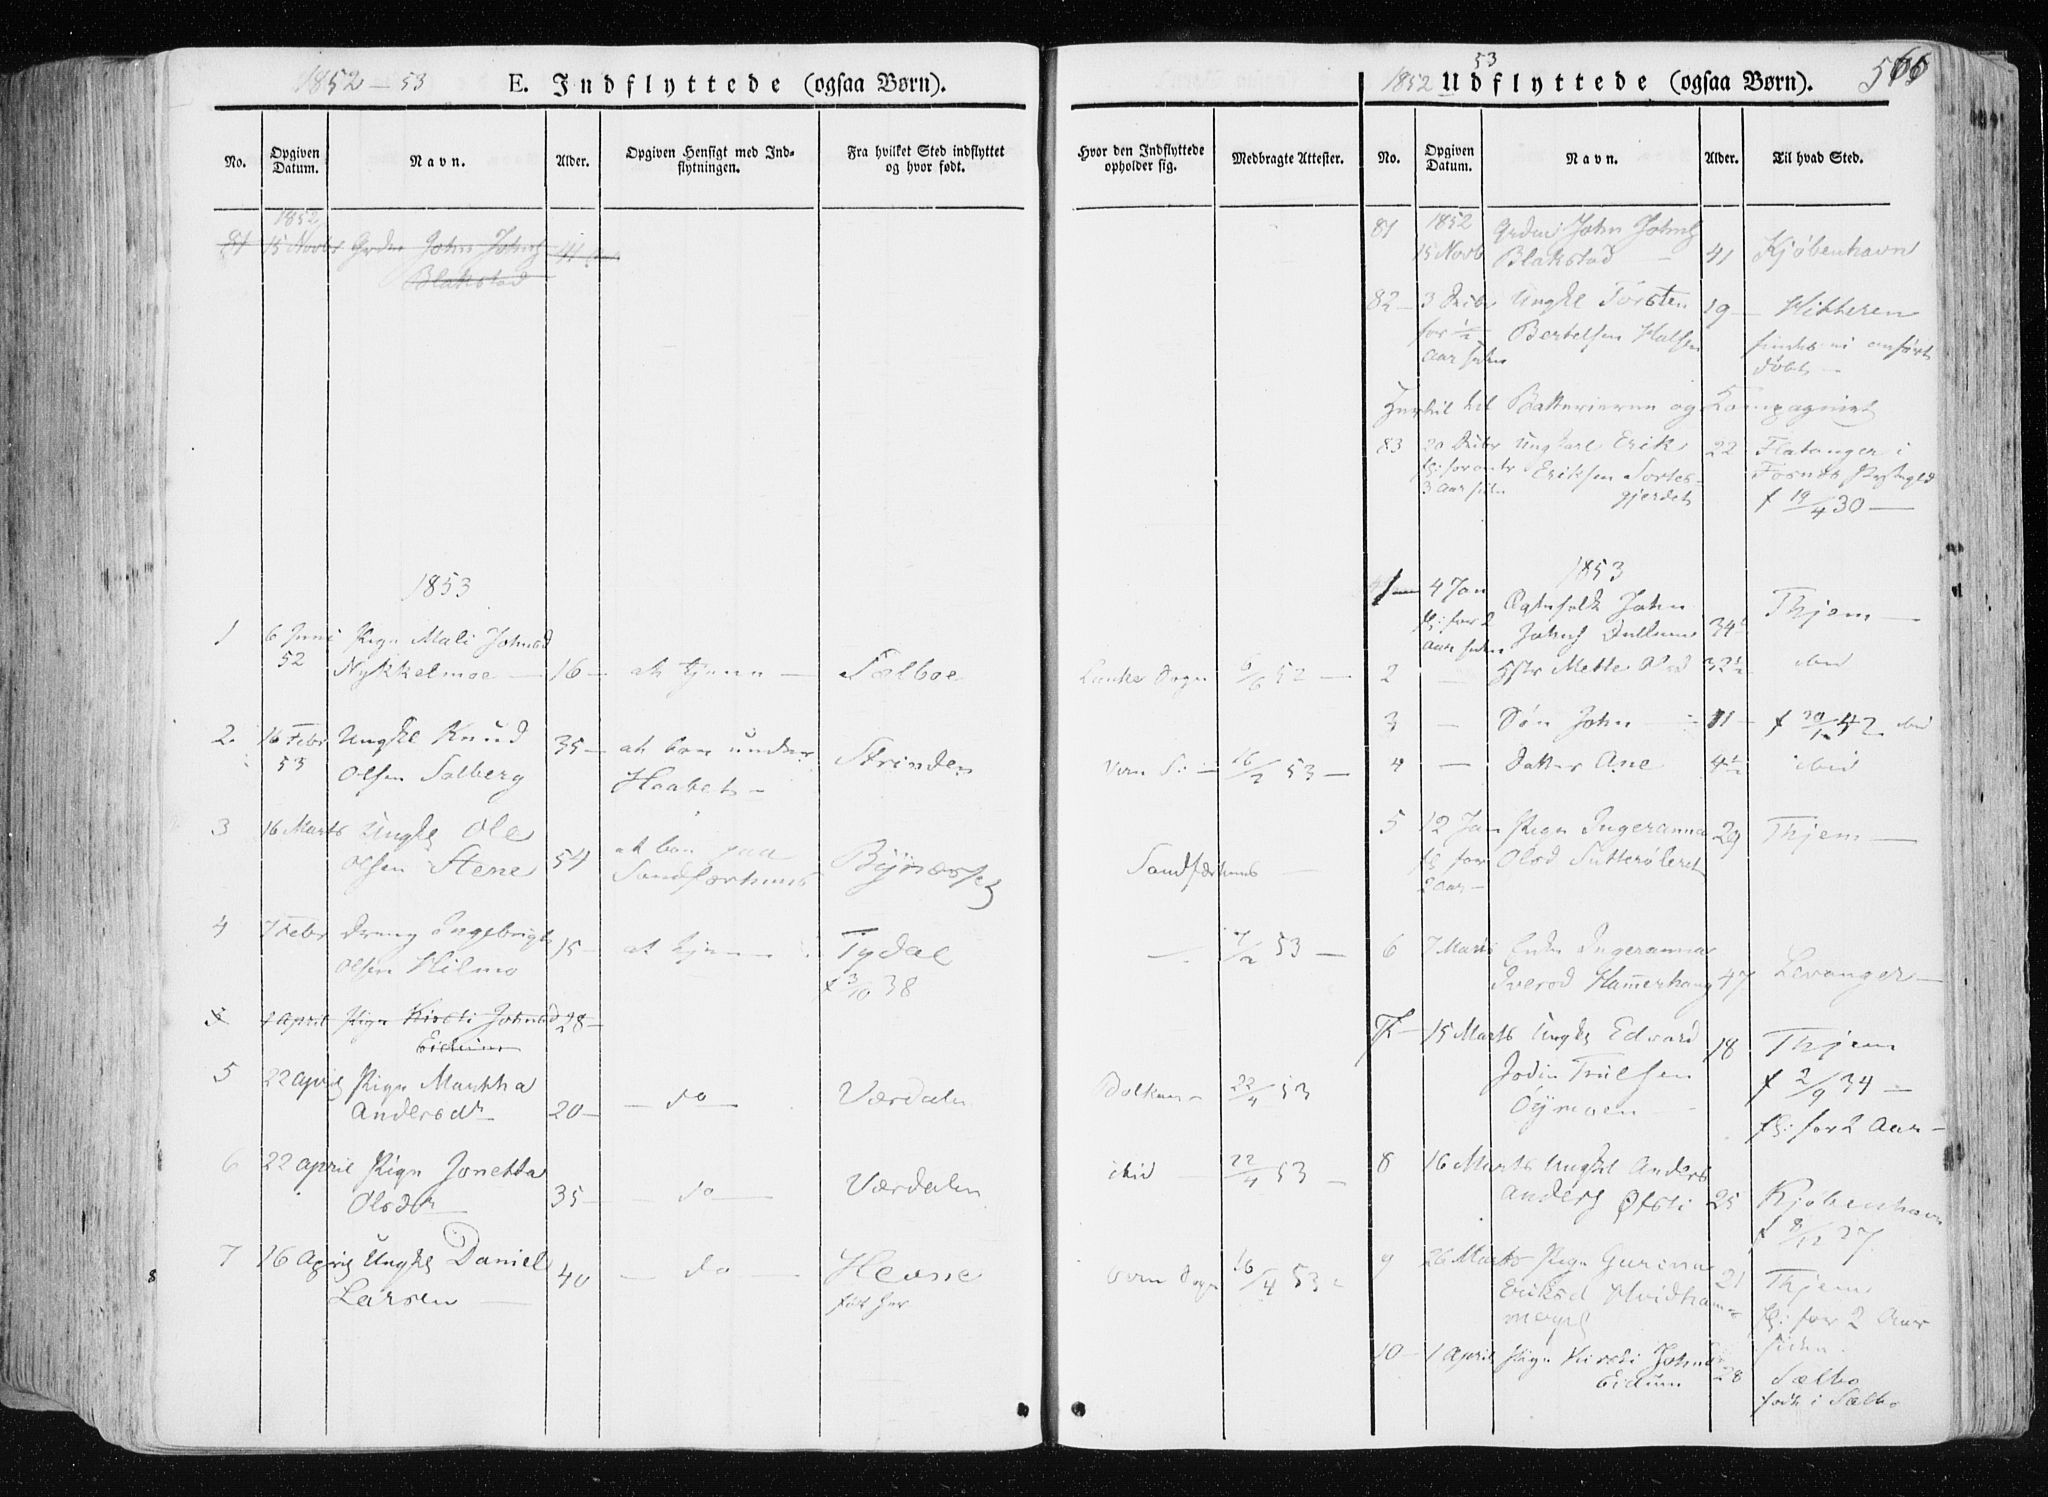 SAT, Ministerialprotokoller, klokkerbøker og fødselsregistre - Nord-Trøndelag, 709/L0074: Ministerialbok nr. 709A14, 1845-1858, s. 566